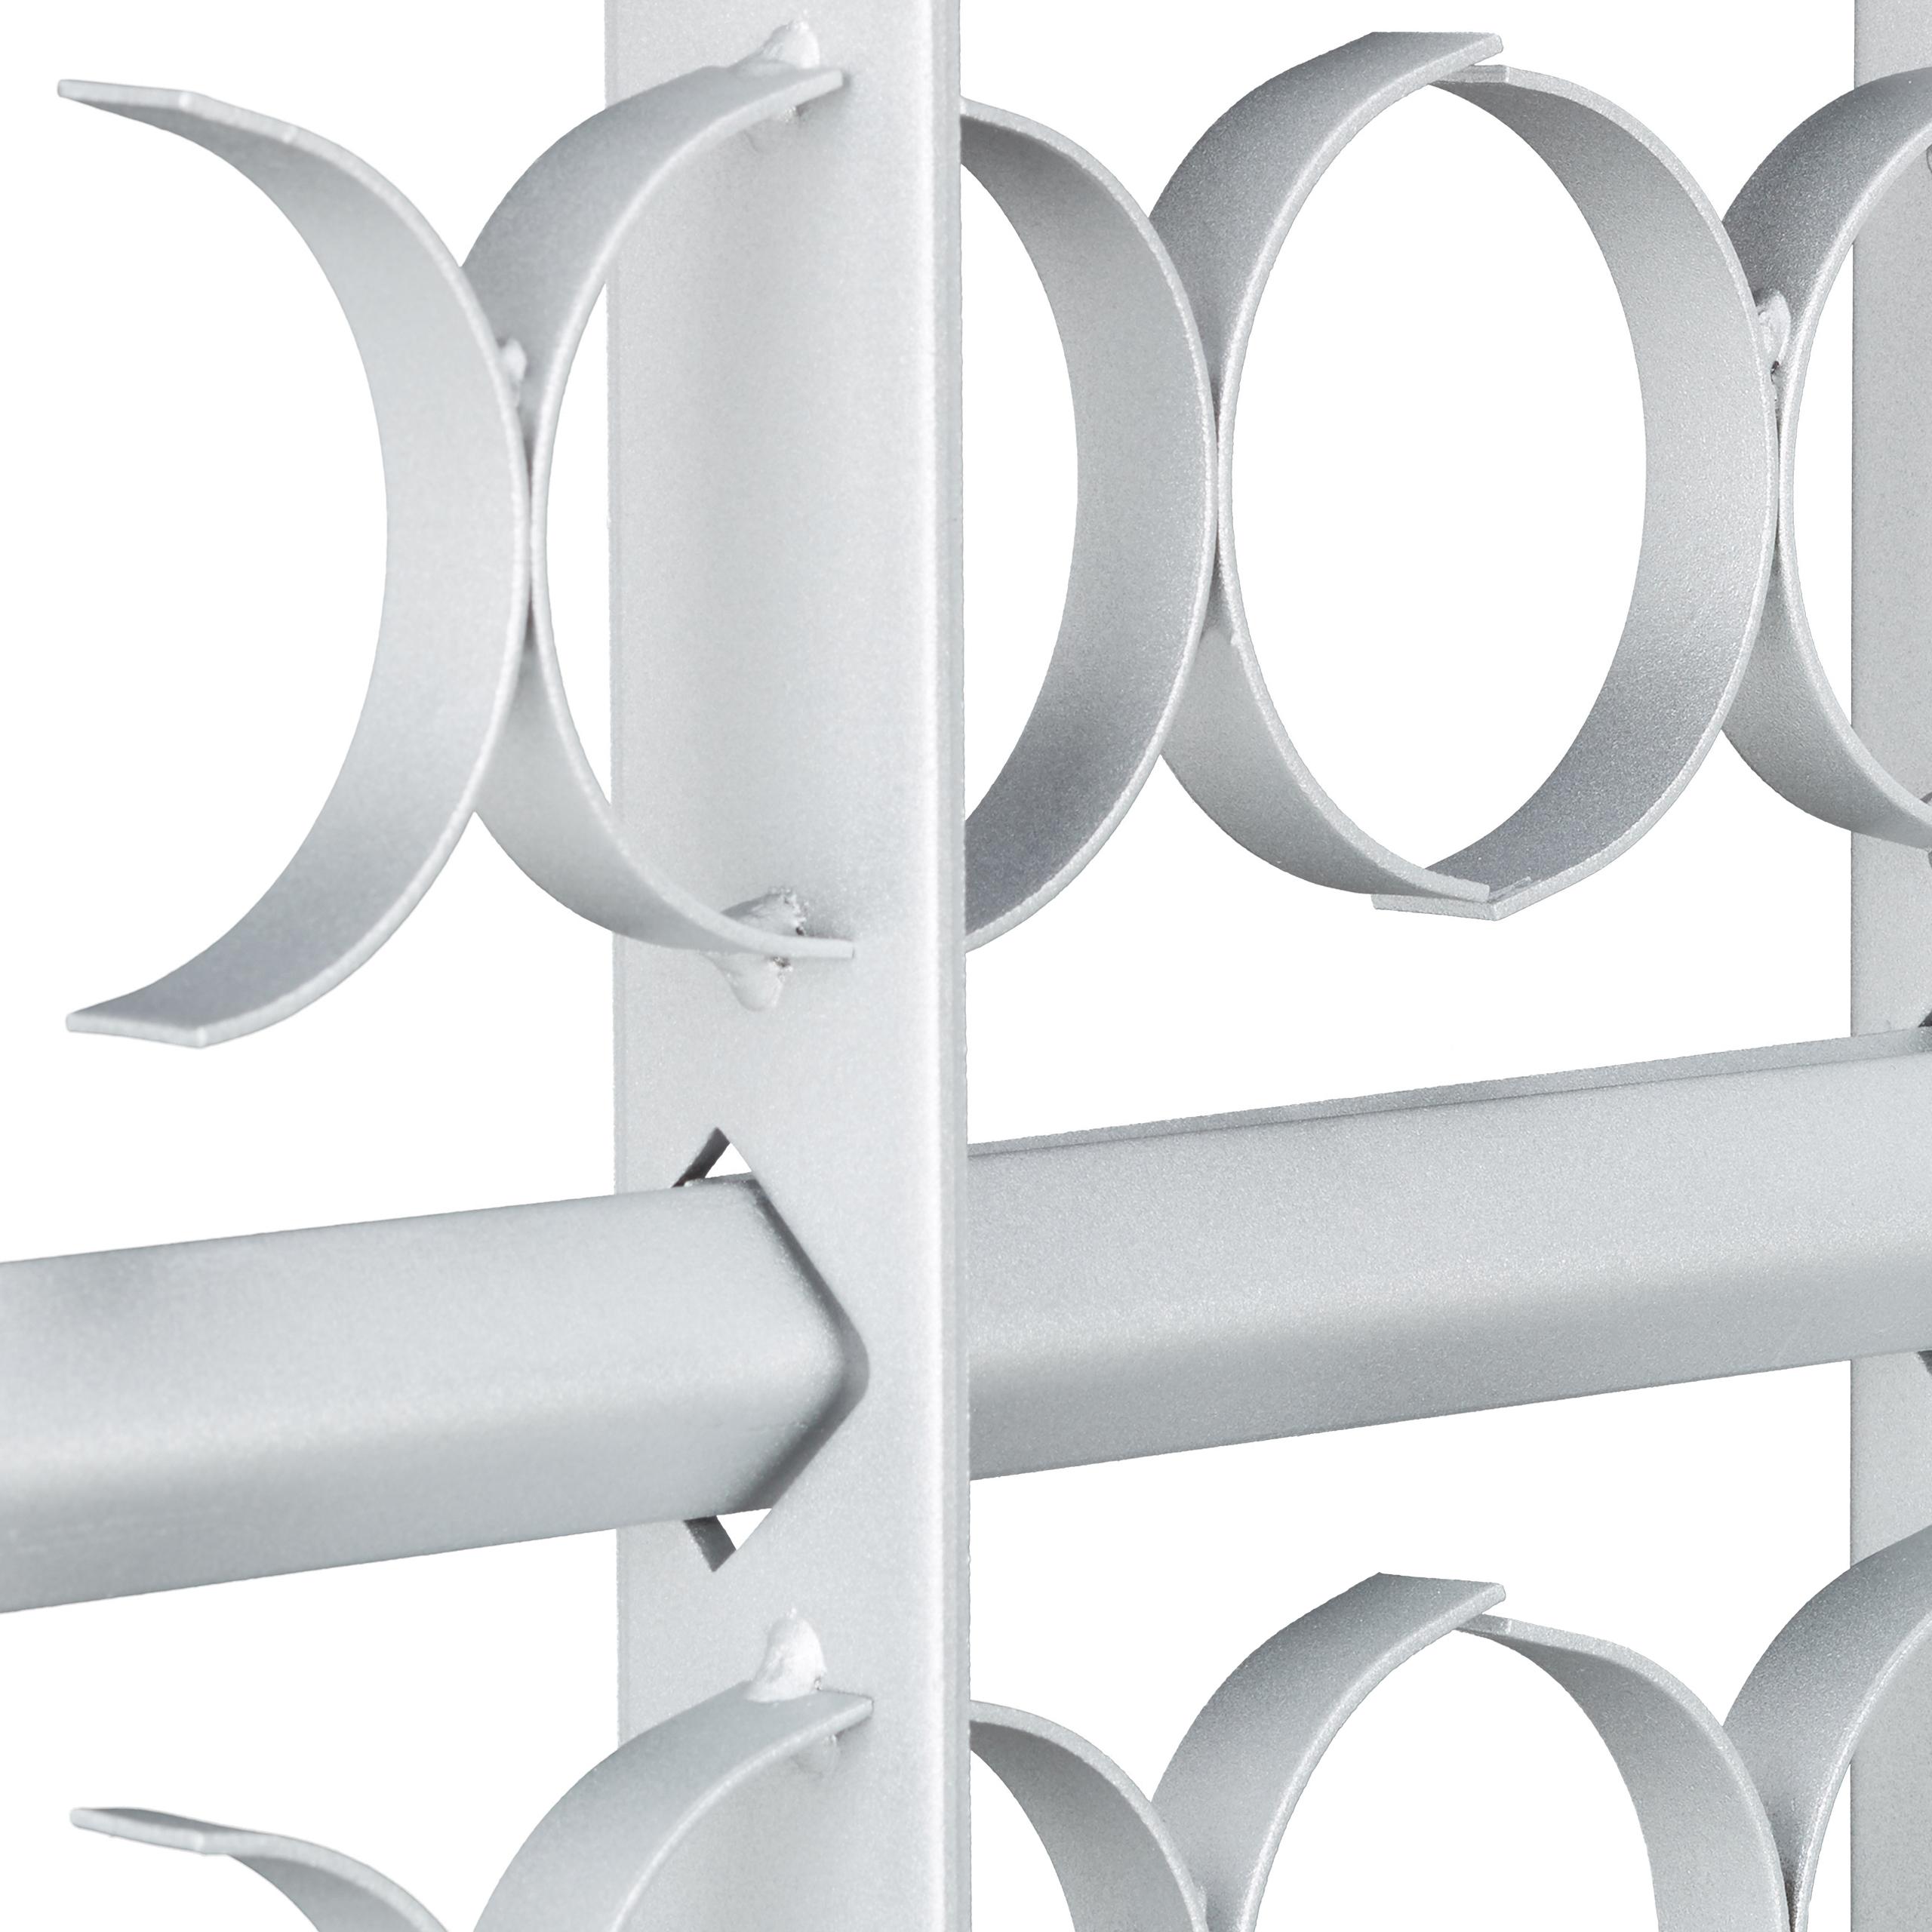 Full Size of Fenstergitter Einbruchschutz Fenster Verzinkt Sicherheitsgitter Neue Kosten Türen Online Konfigurator Jalousien Zwangsbelüftung Nachrüsten Auf Maß 120x120 Fenster Fenster Einbruchschutz